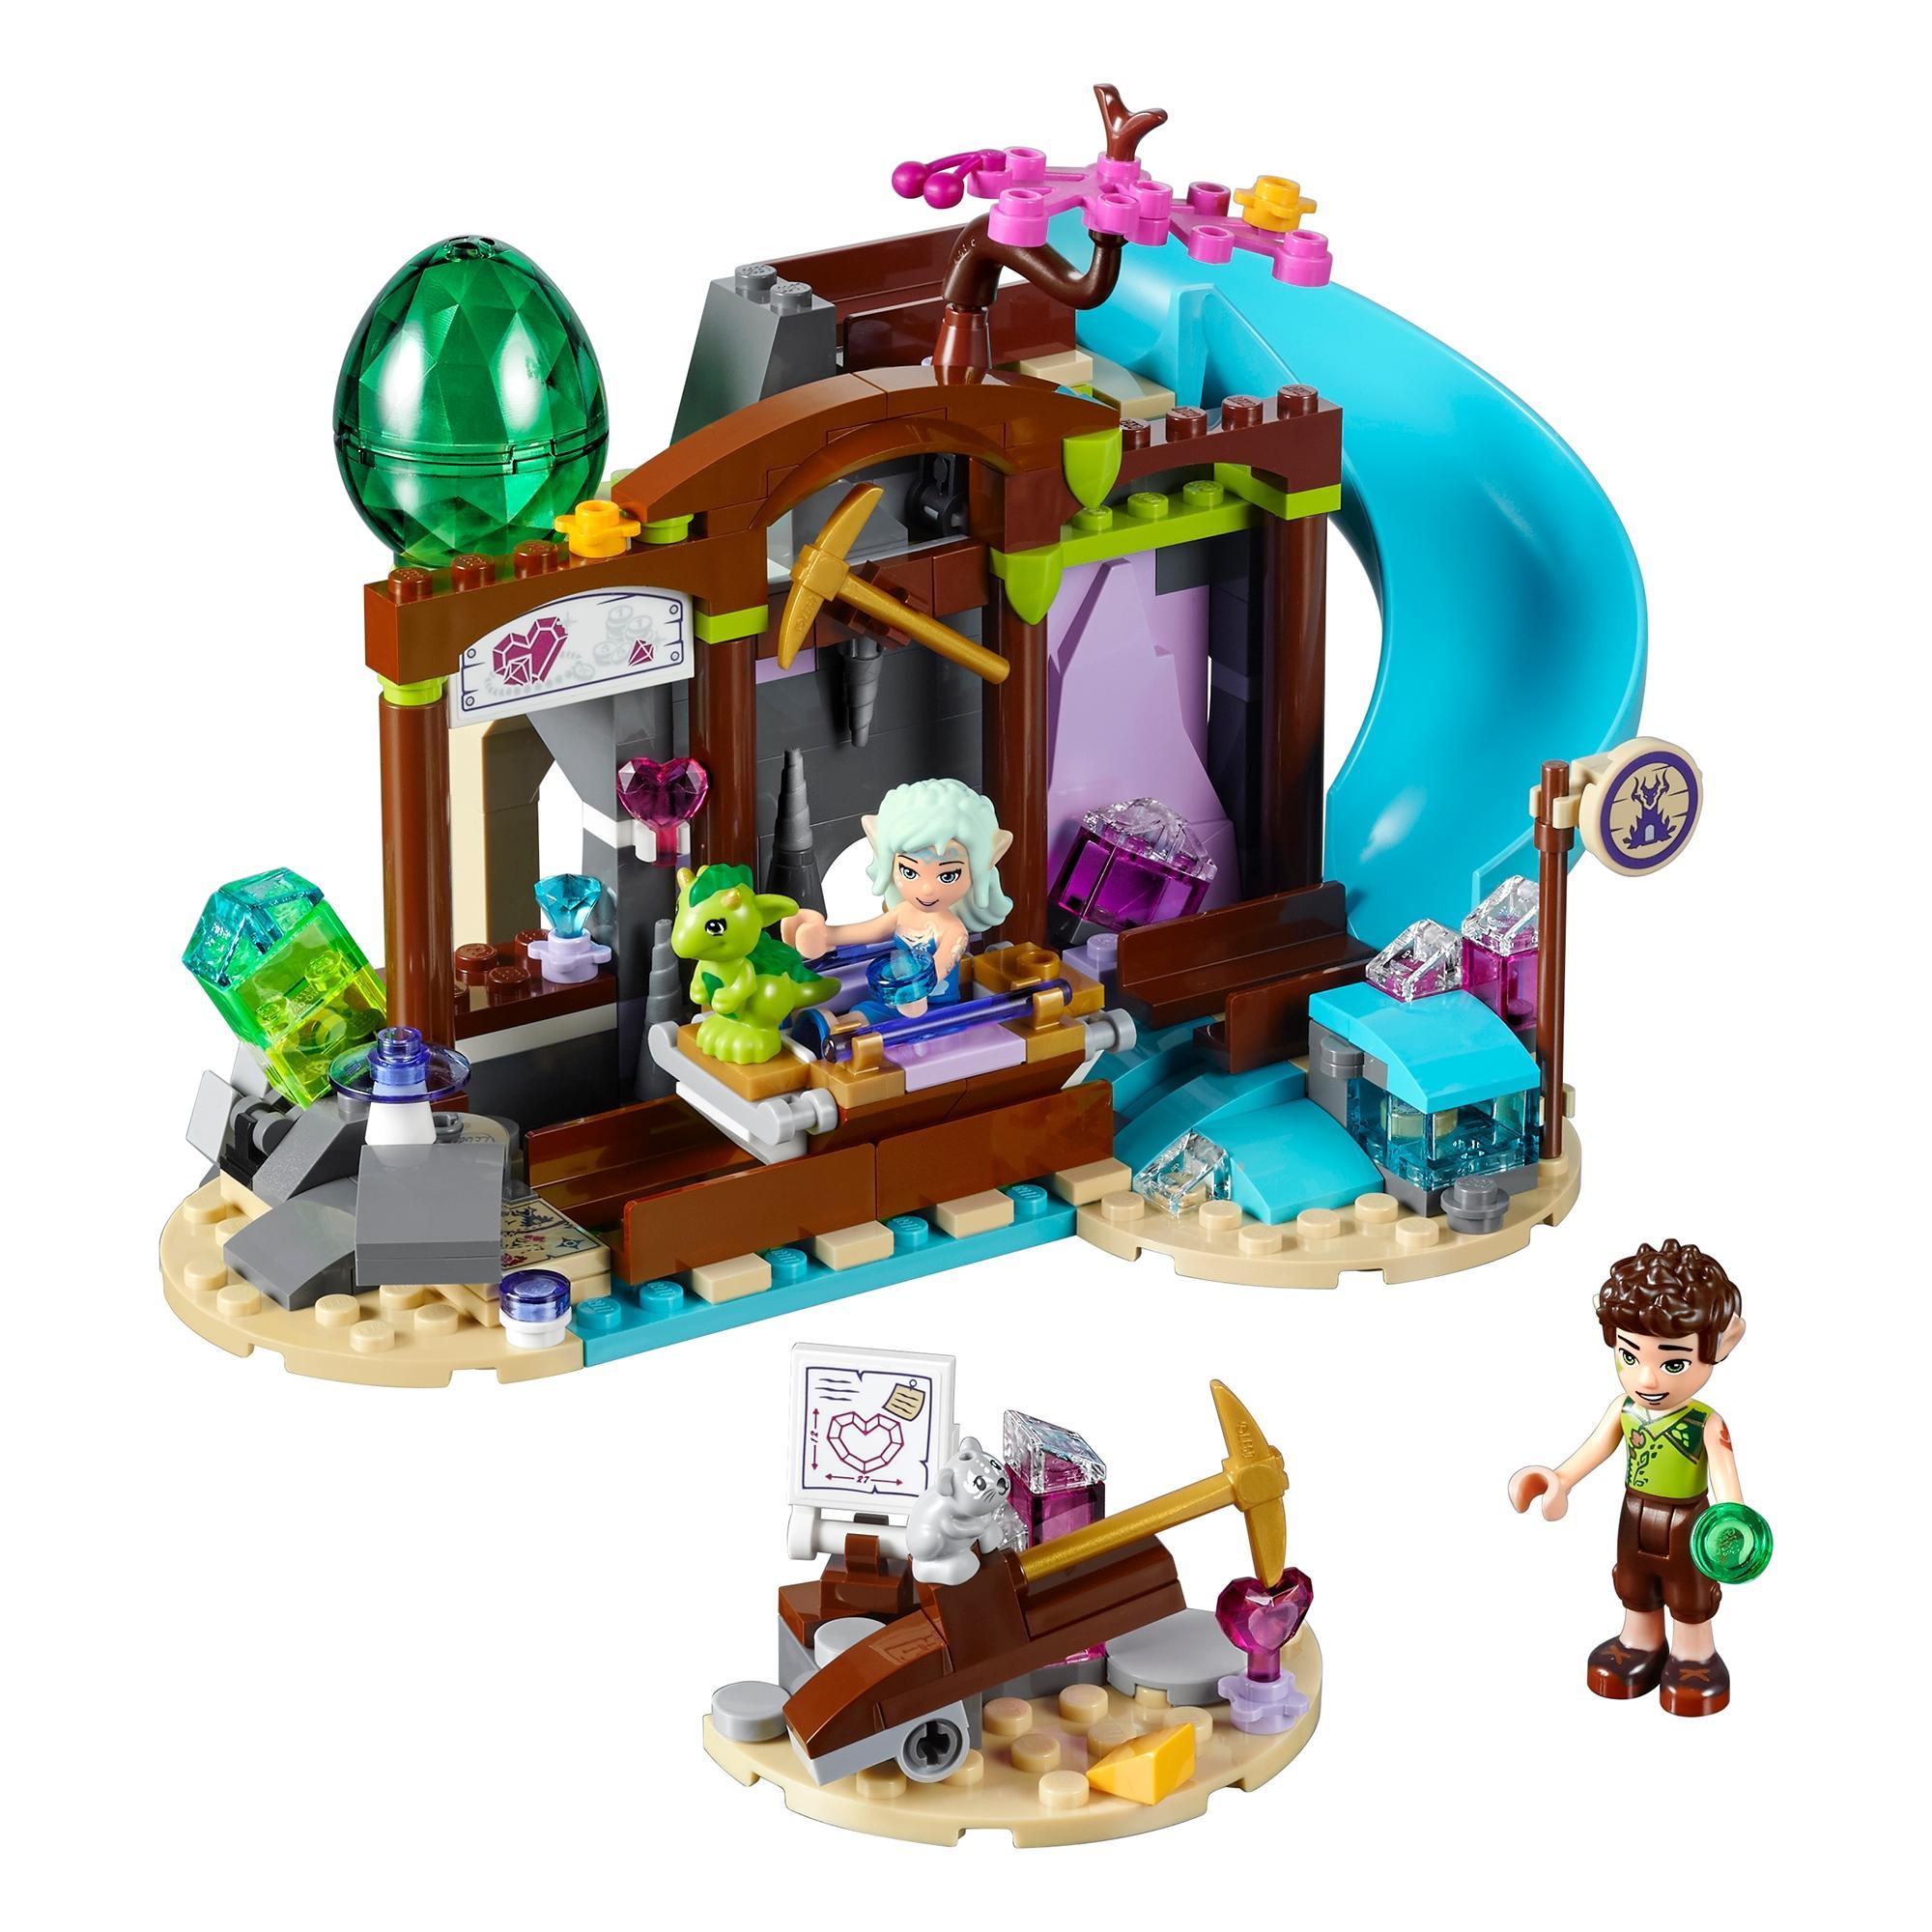 Đồ chơi lego cho con gái